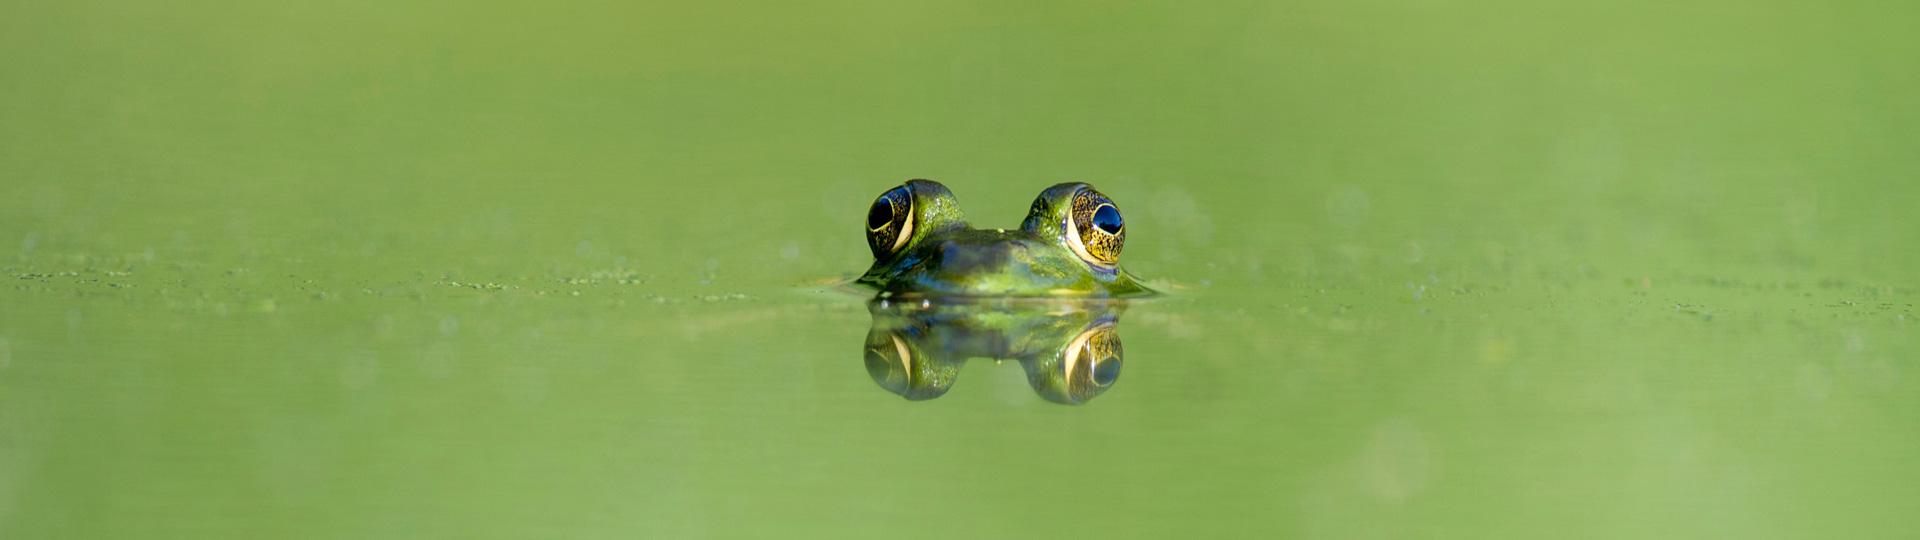 Grünes Wasser im Schwimmteich